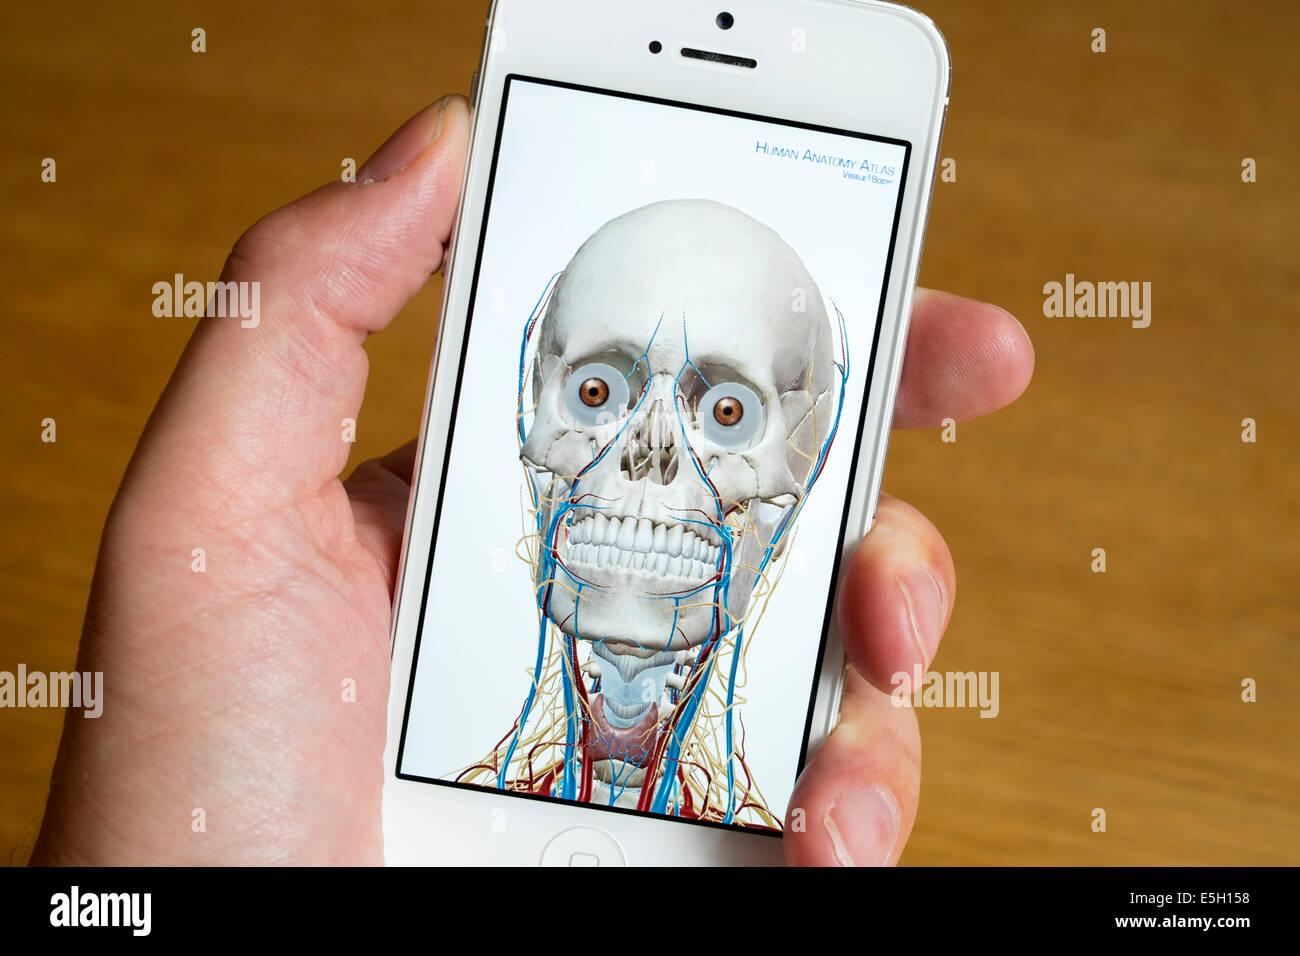 En utilisant app médicale d'étudier l'anatomie humaine sur un iPhone smart phone Photo Stock